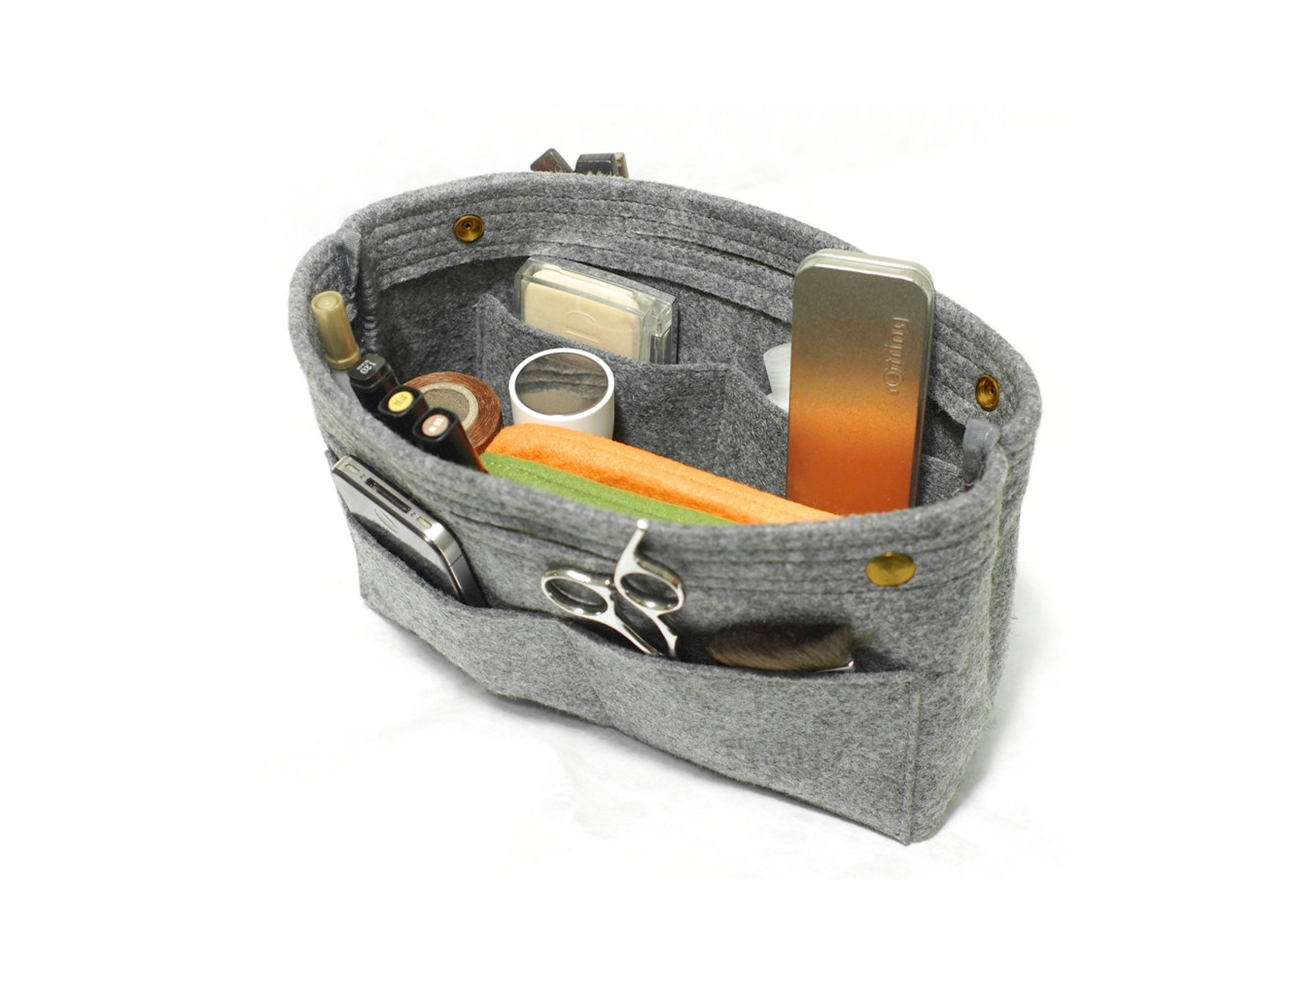 ORG purse